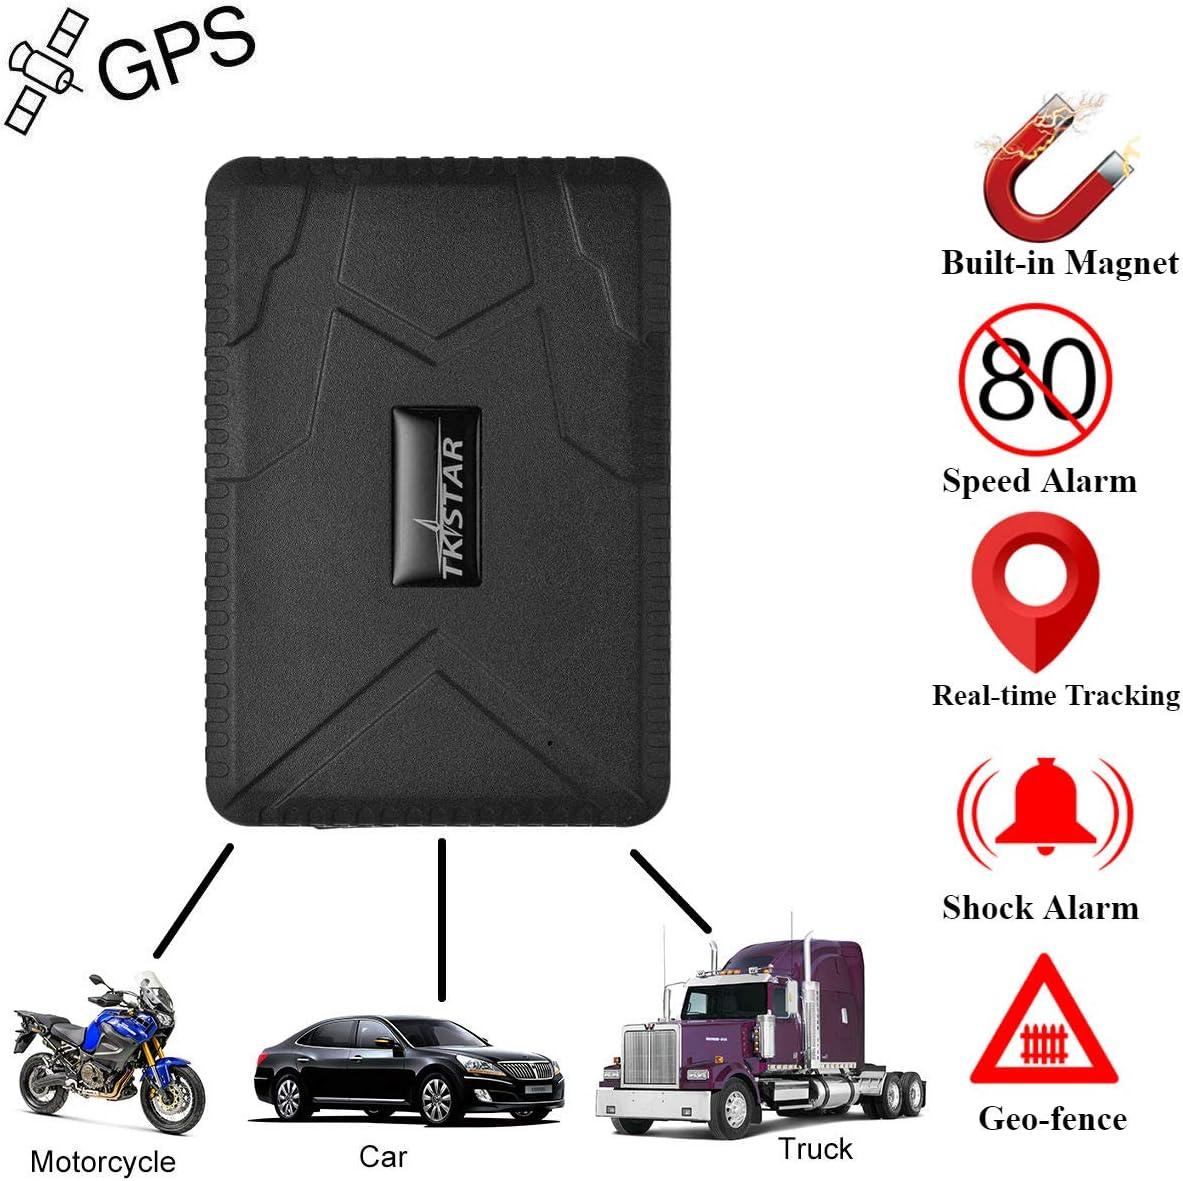 Coche GPS tracker-strong imán Big de 10000 mAh recargable vehículo/Moto/ Coche Espía oculta impermeable antirrobo de seguimiento GSM GPRS Coche GPS Tracker Personal con anti-light Sensor Alarma: Amazon.es: Electrónica